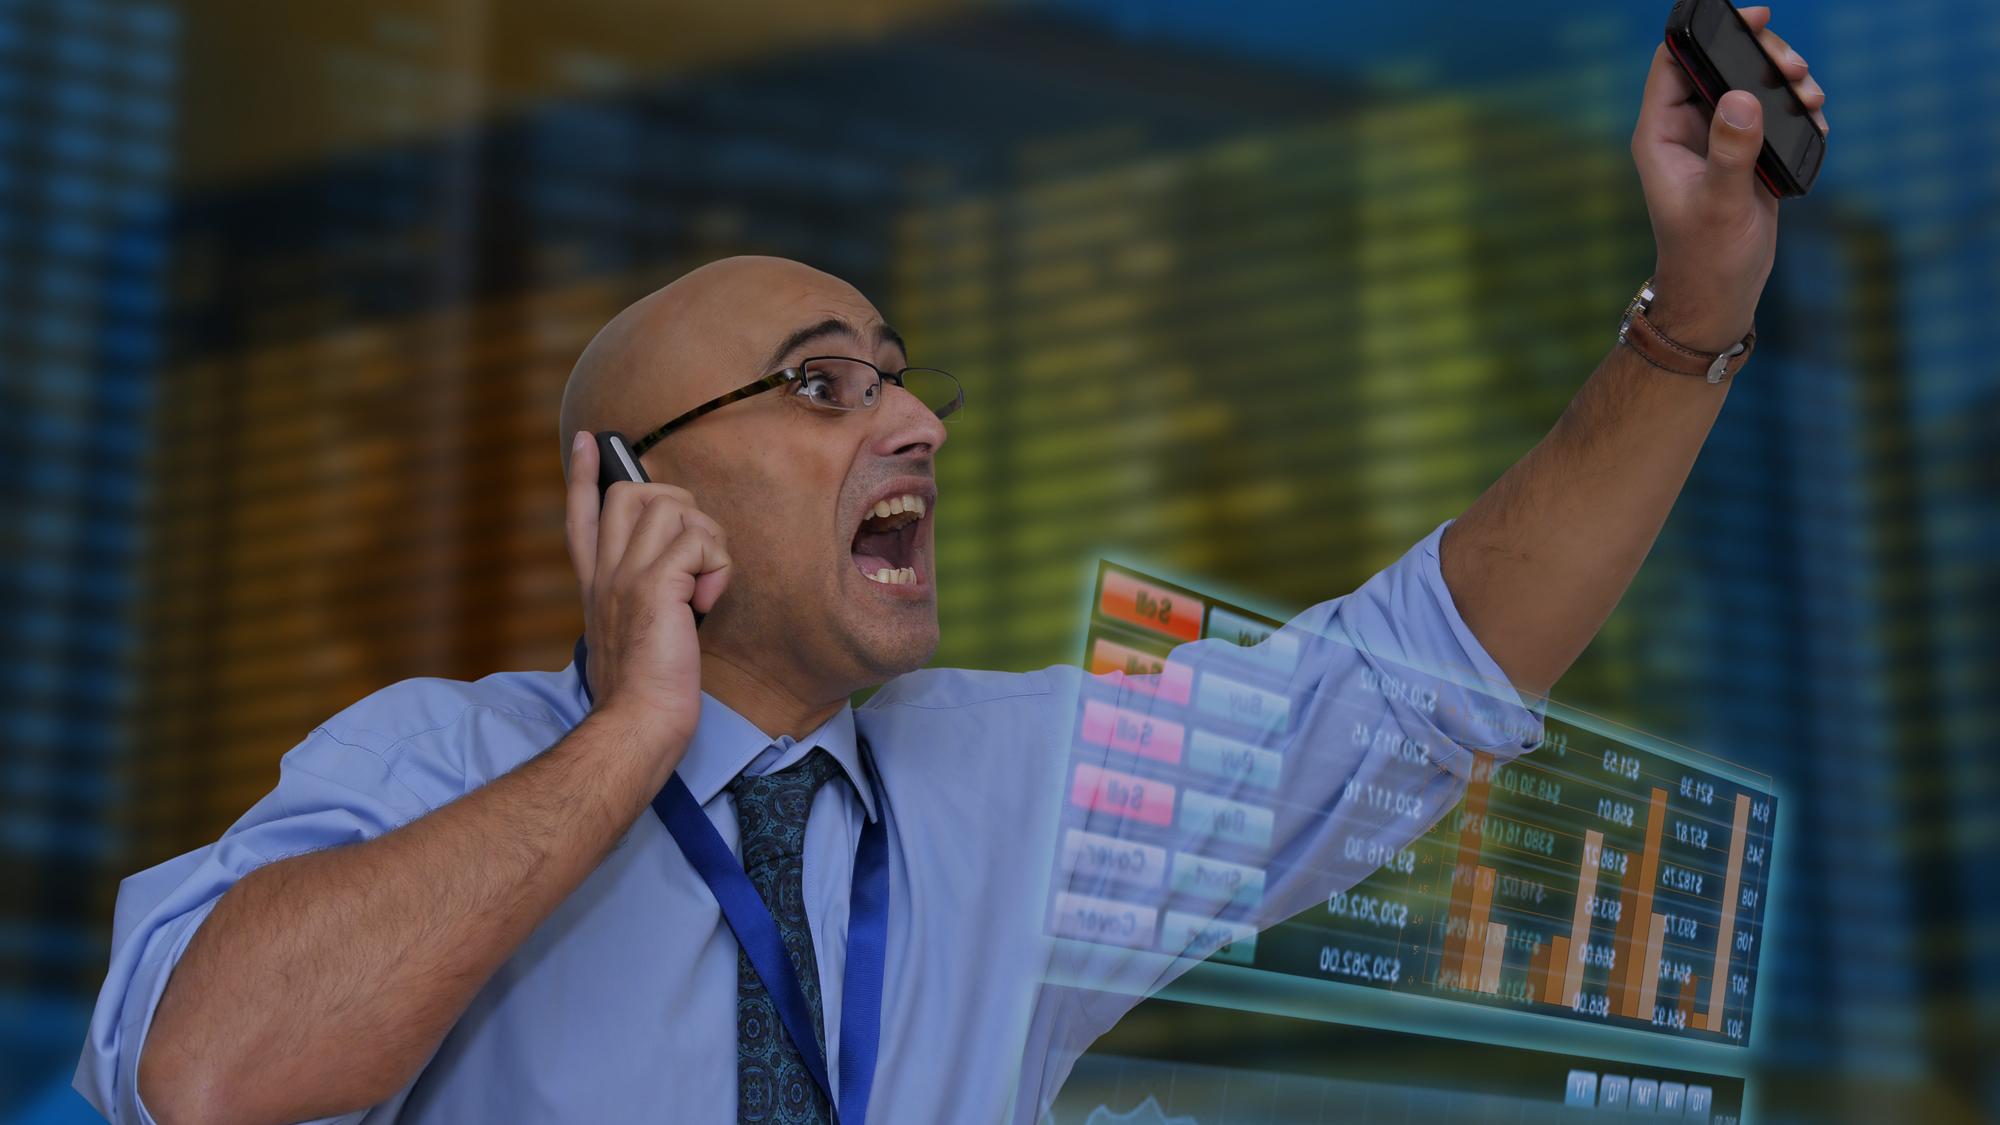 Любители мемов против акул фондового рынка. Как пользователи Reddit разорили трейдеров с Уолл-стрит